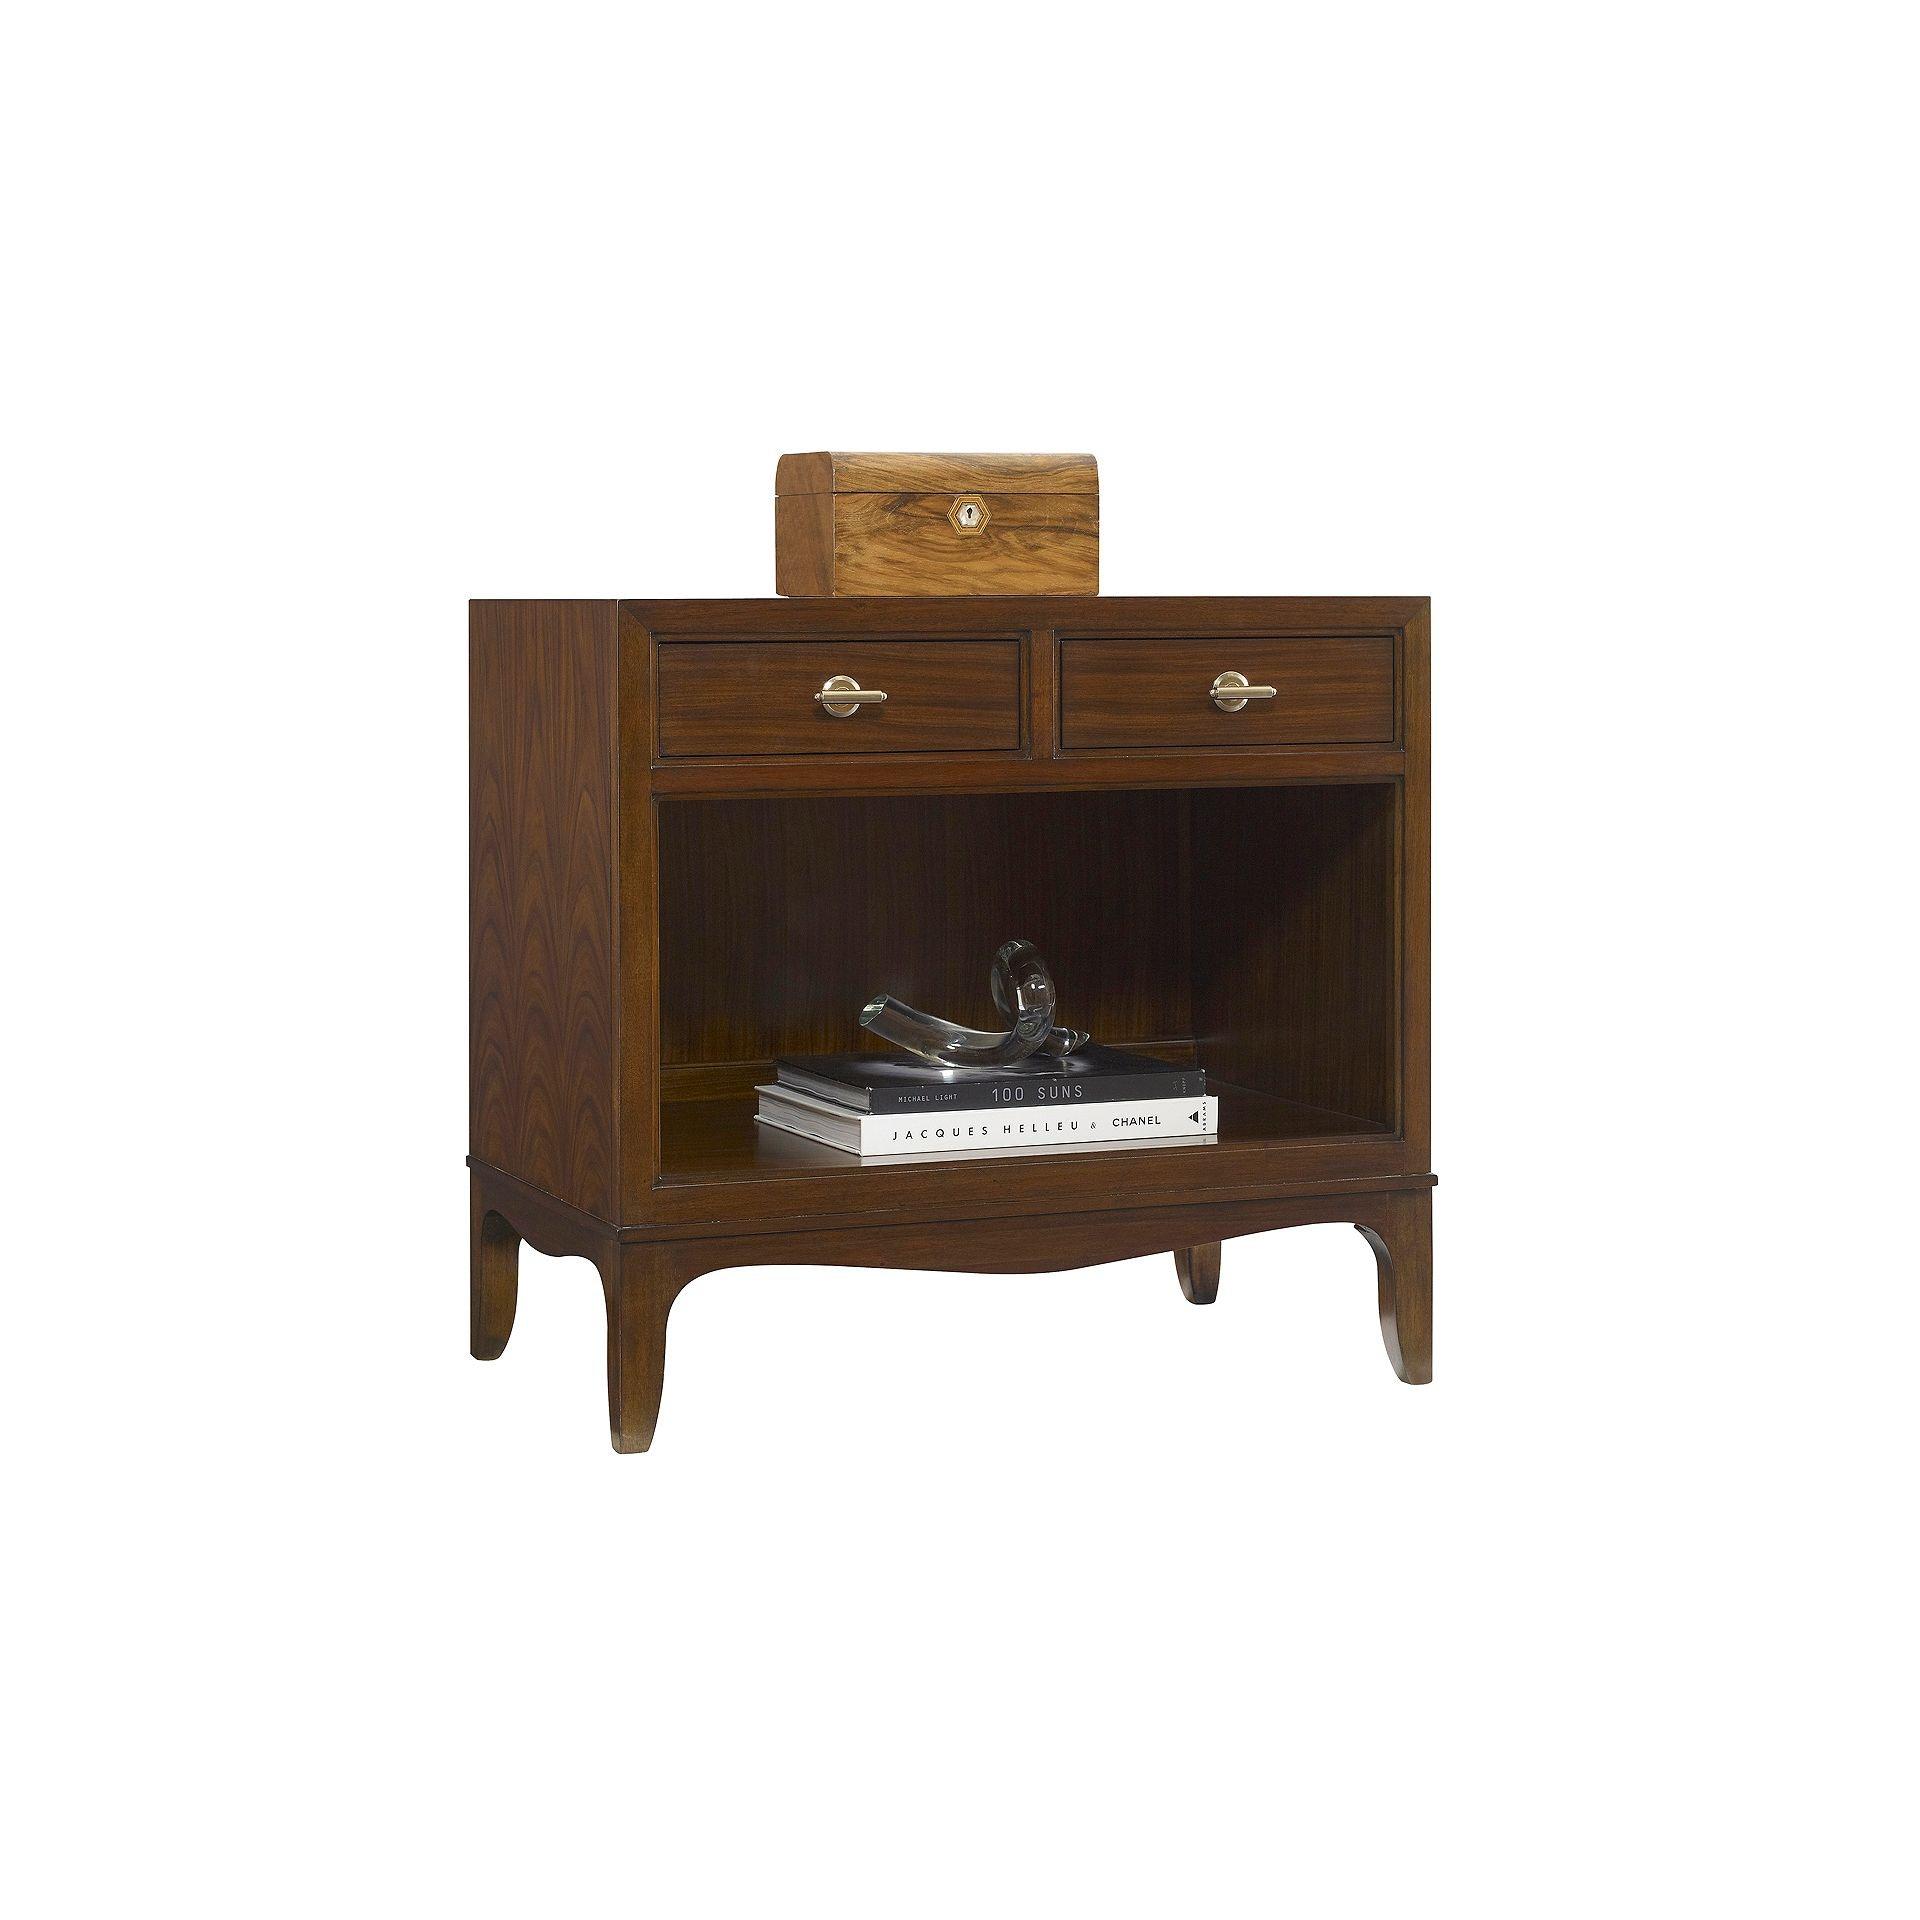 Henredon Furniture 4200 06 399